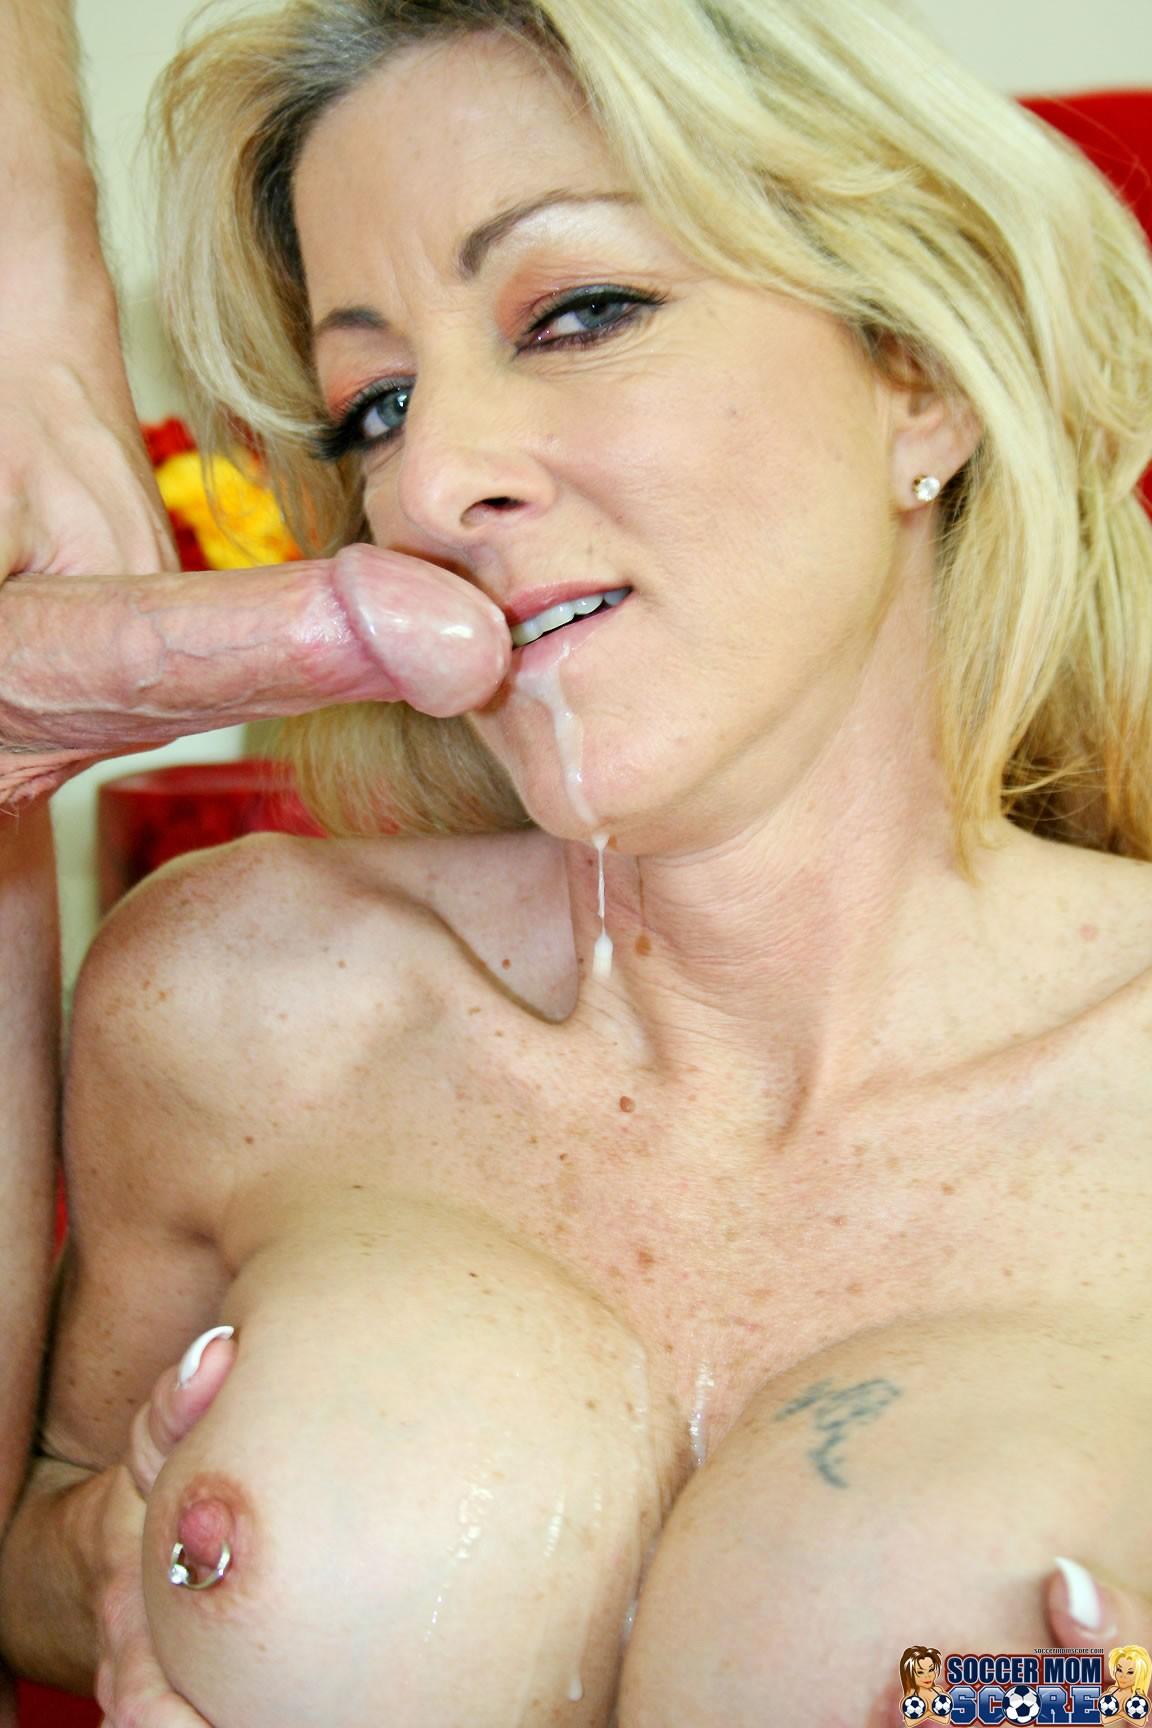 amature sex positions clips – BDSM